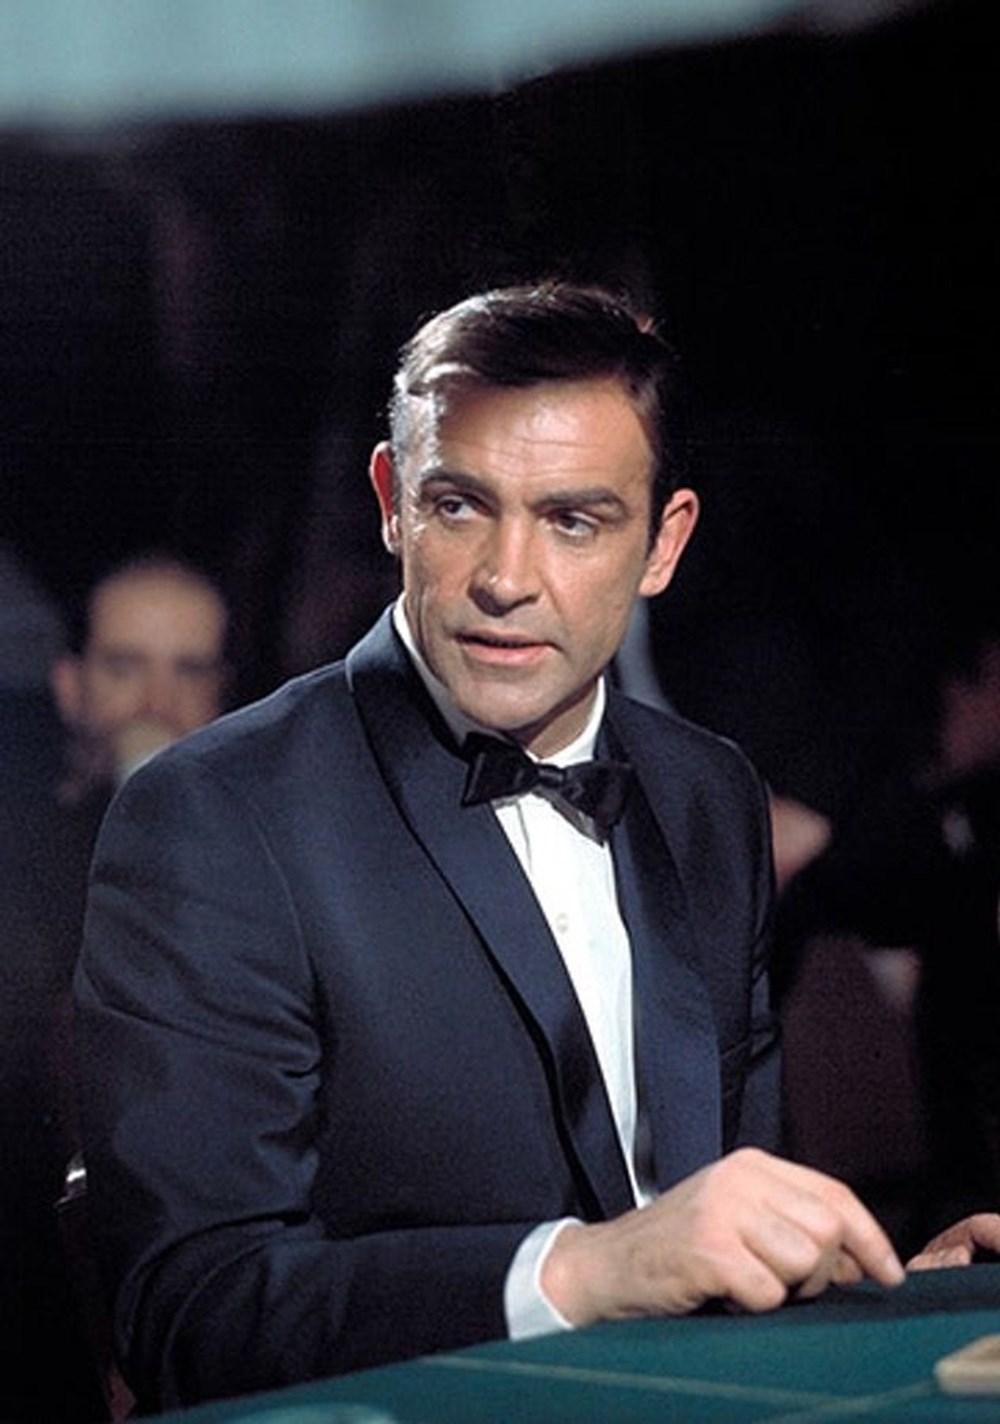 'En iyi James Bond' Sean Connery'ye 90. doğum günü kutlaması - 15